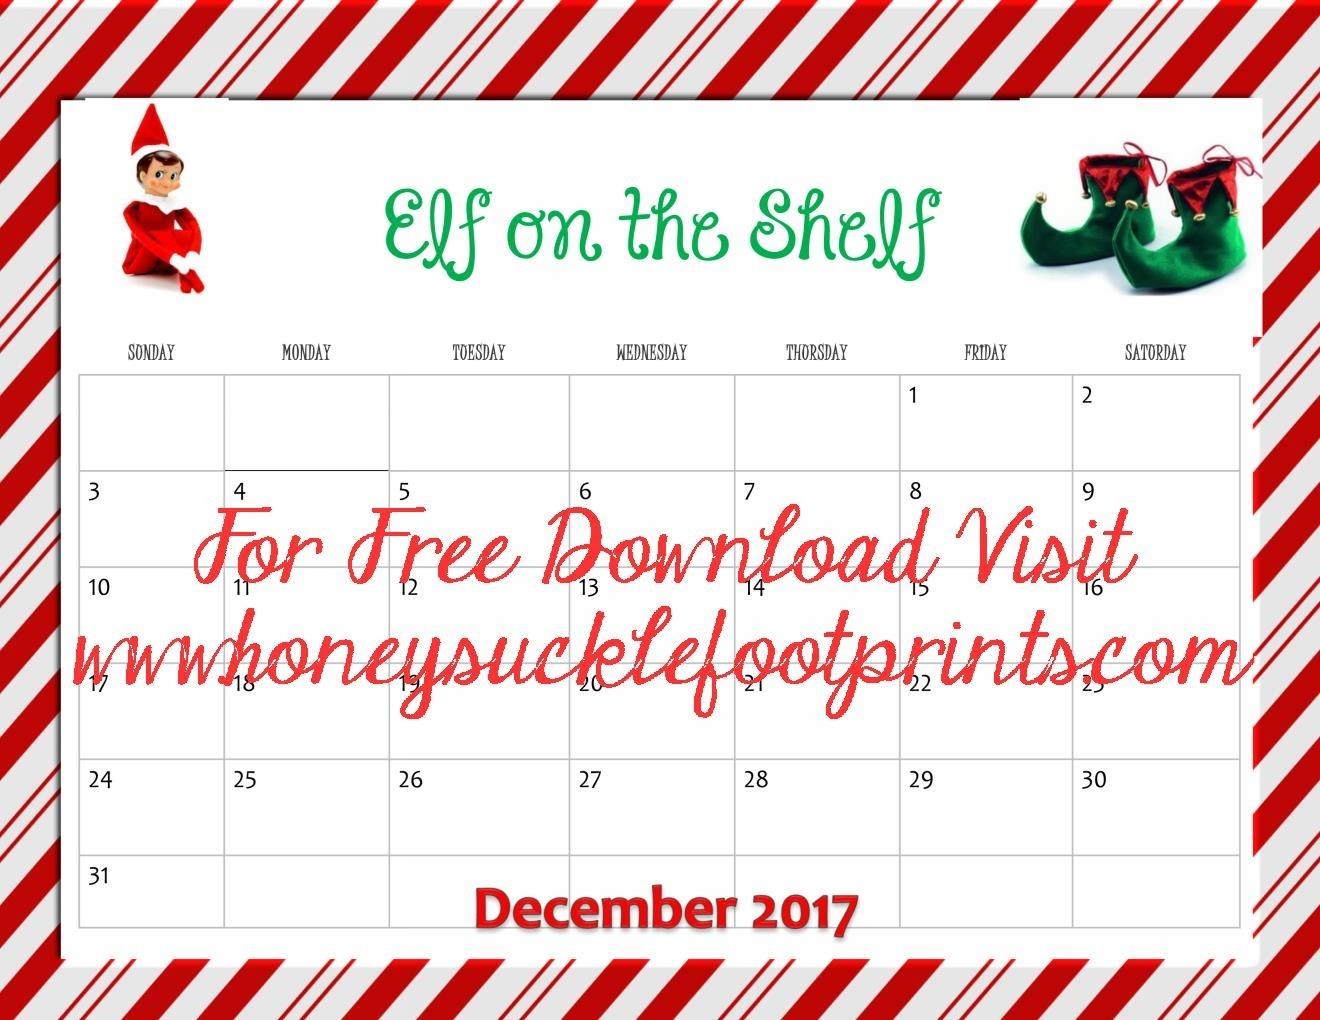 2017 Elf On The Shelf Calendar - November & December - Honeysuckle throughout Ideas For Calendar In November